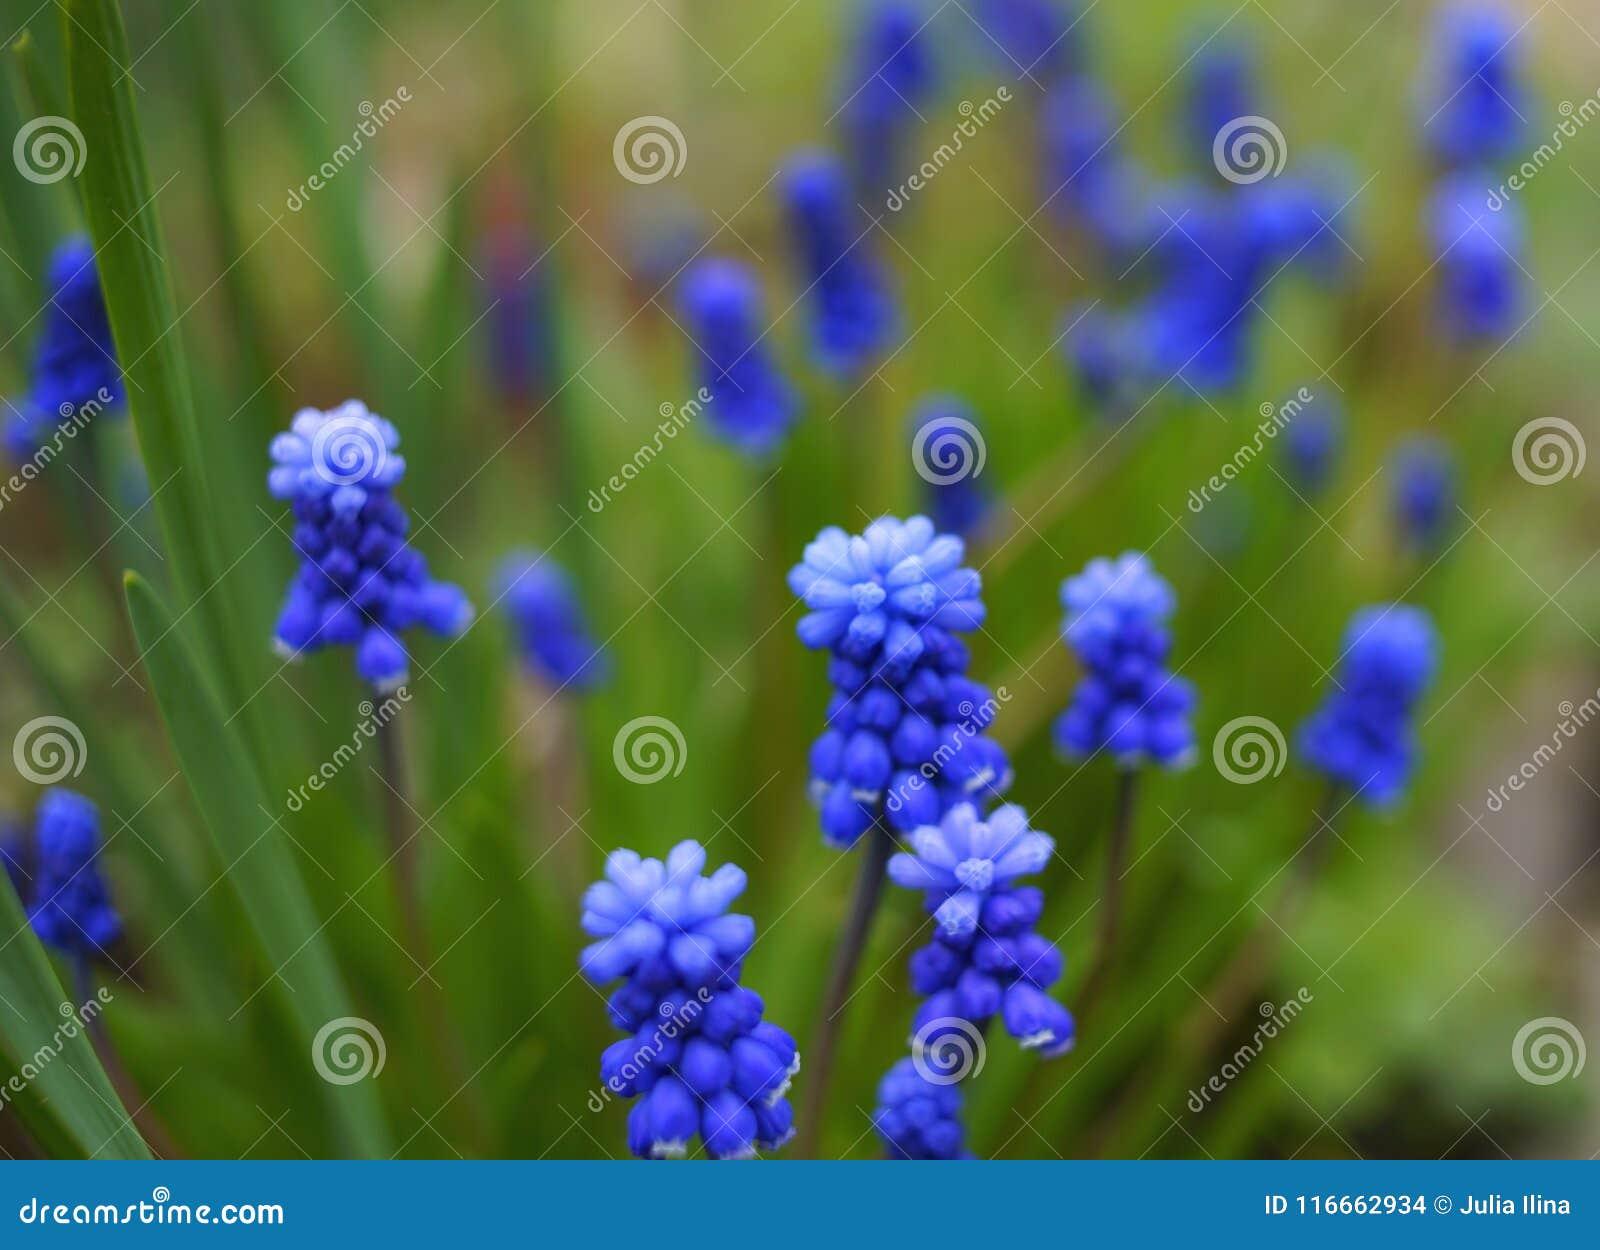 Dag för natur för närbild för makro för gräsplan för blomma för muscarihyacintblått blad texturerad utomhus trädgårds-